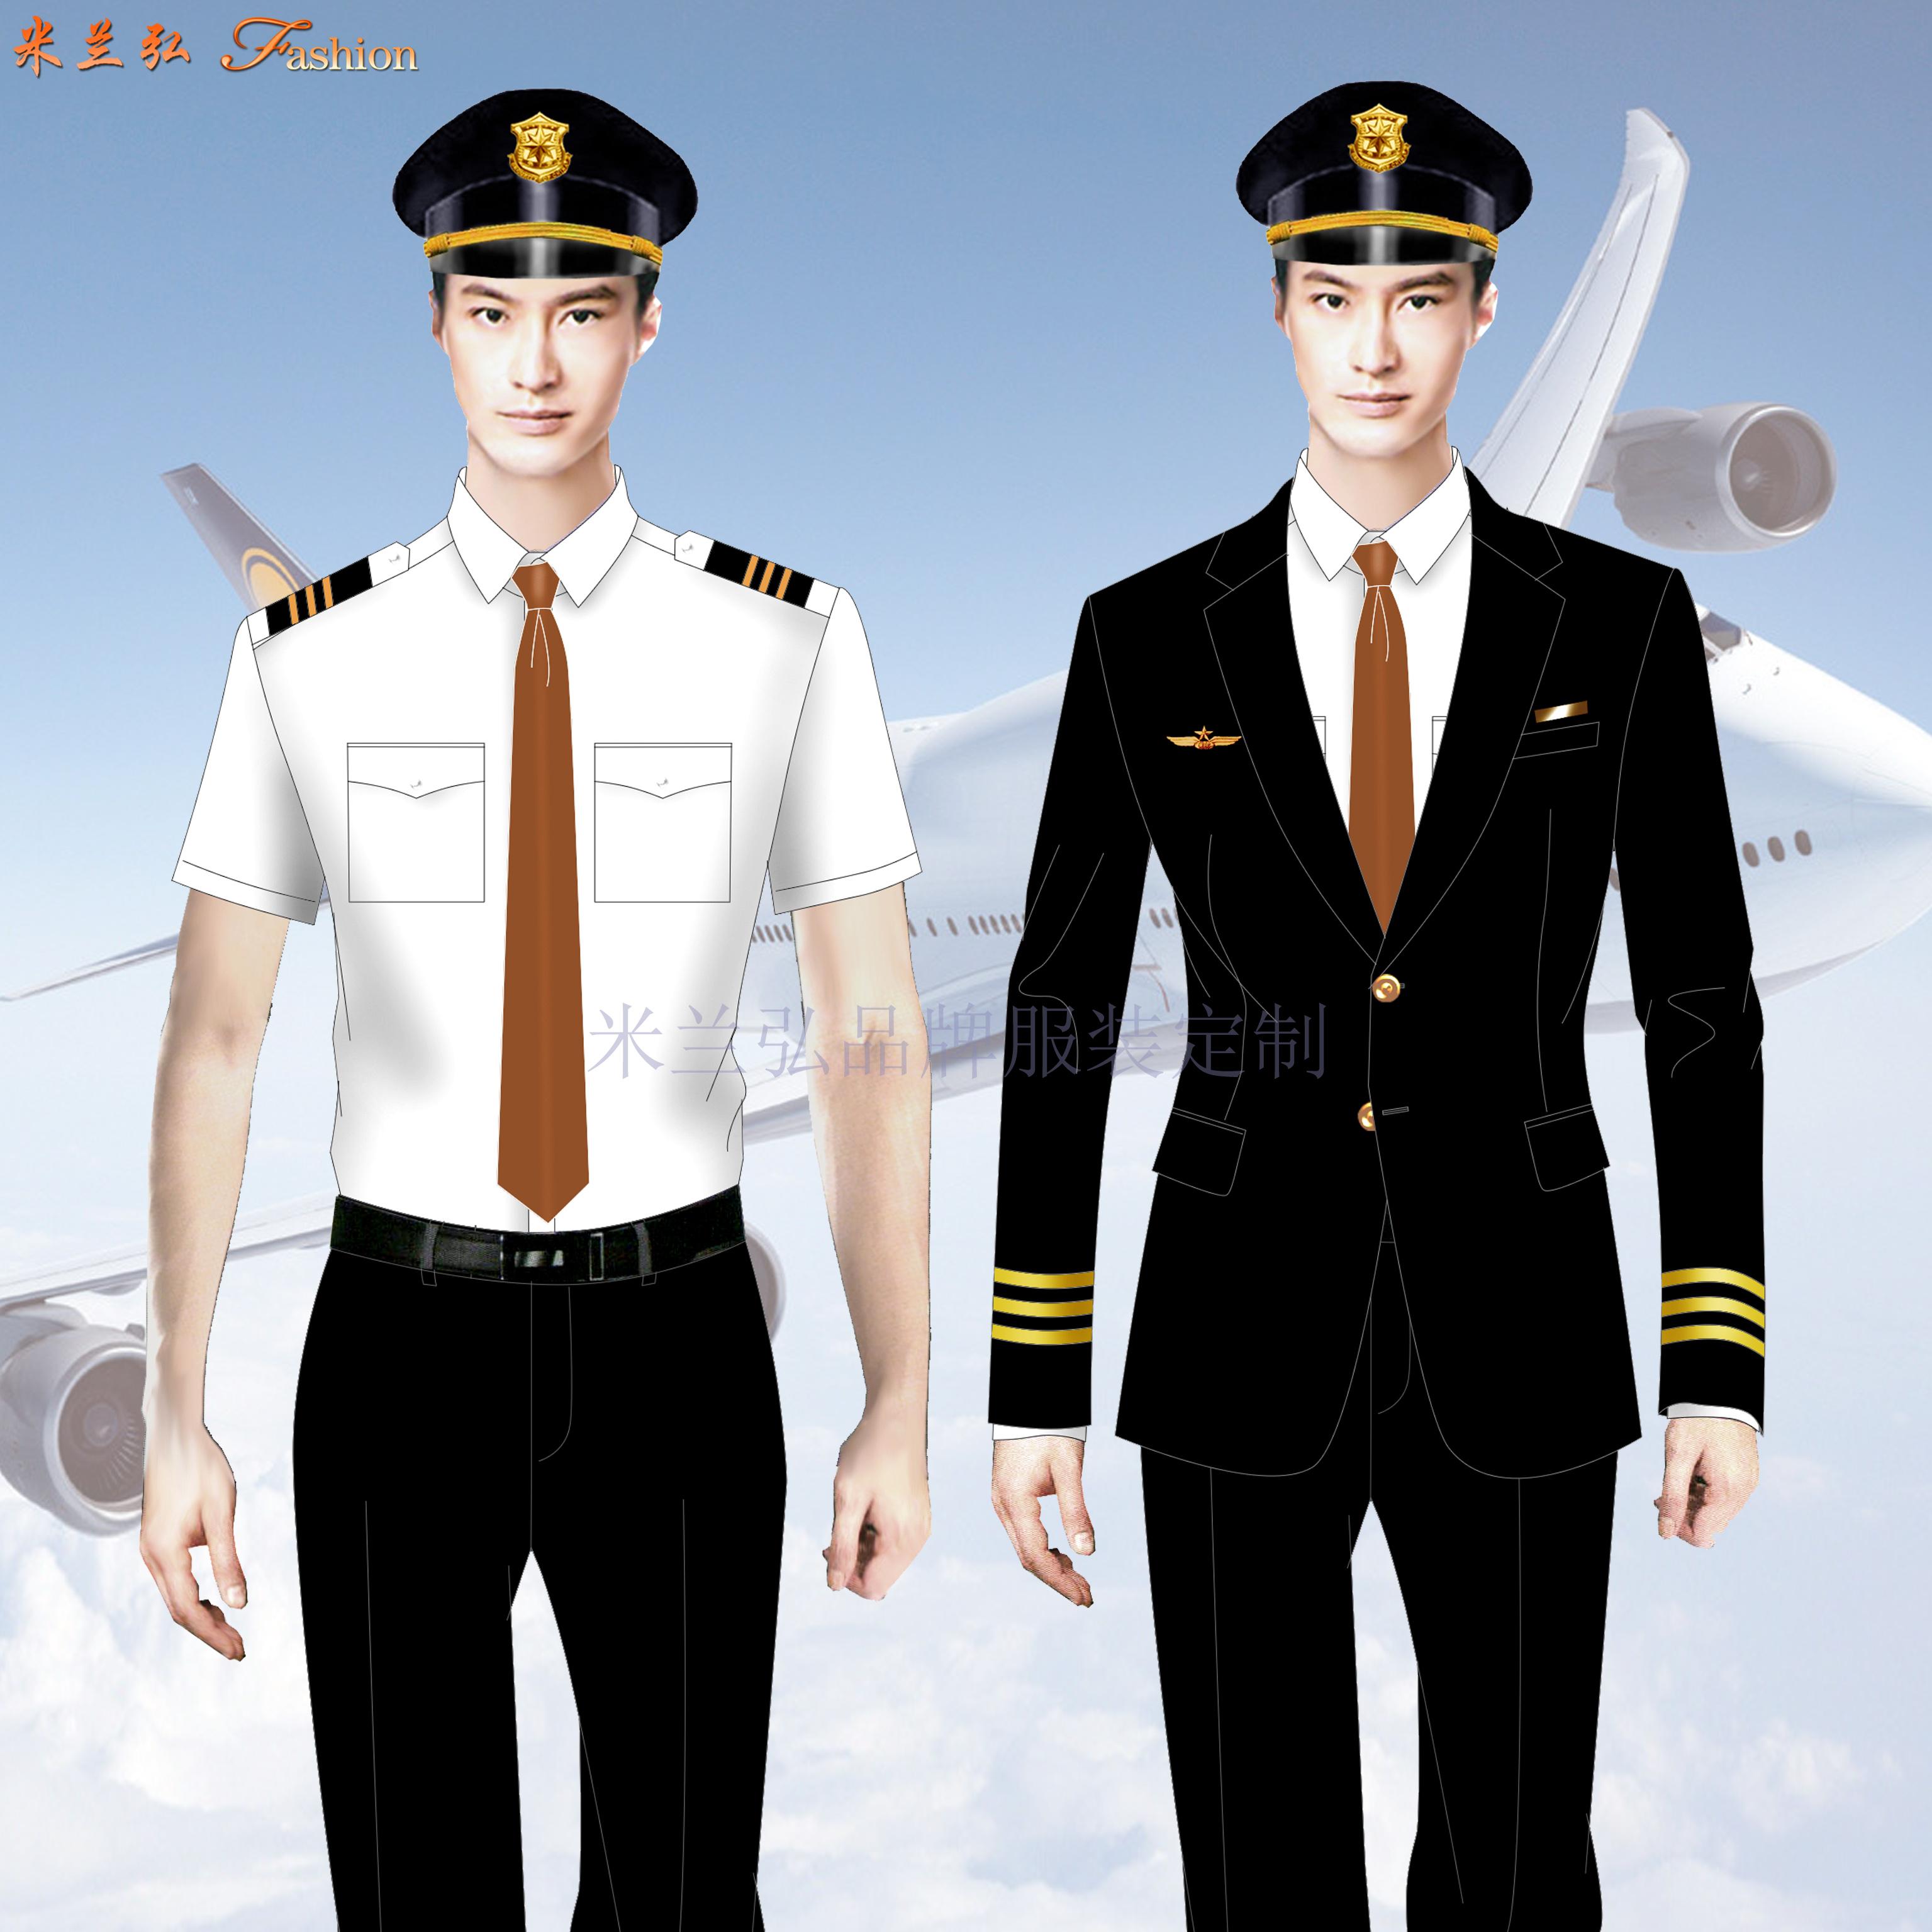 「航空西服」專業設計制作航空公司機師正裝西服-米蘭弘服裝-1